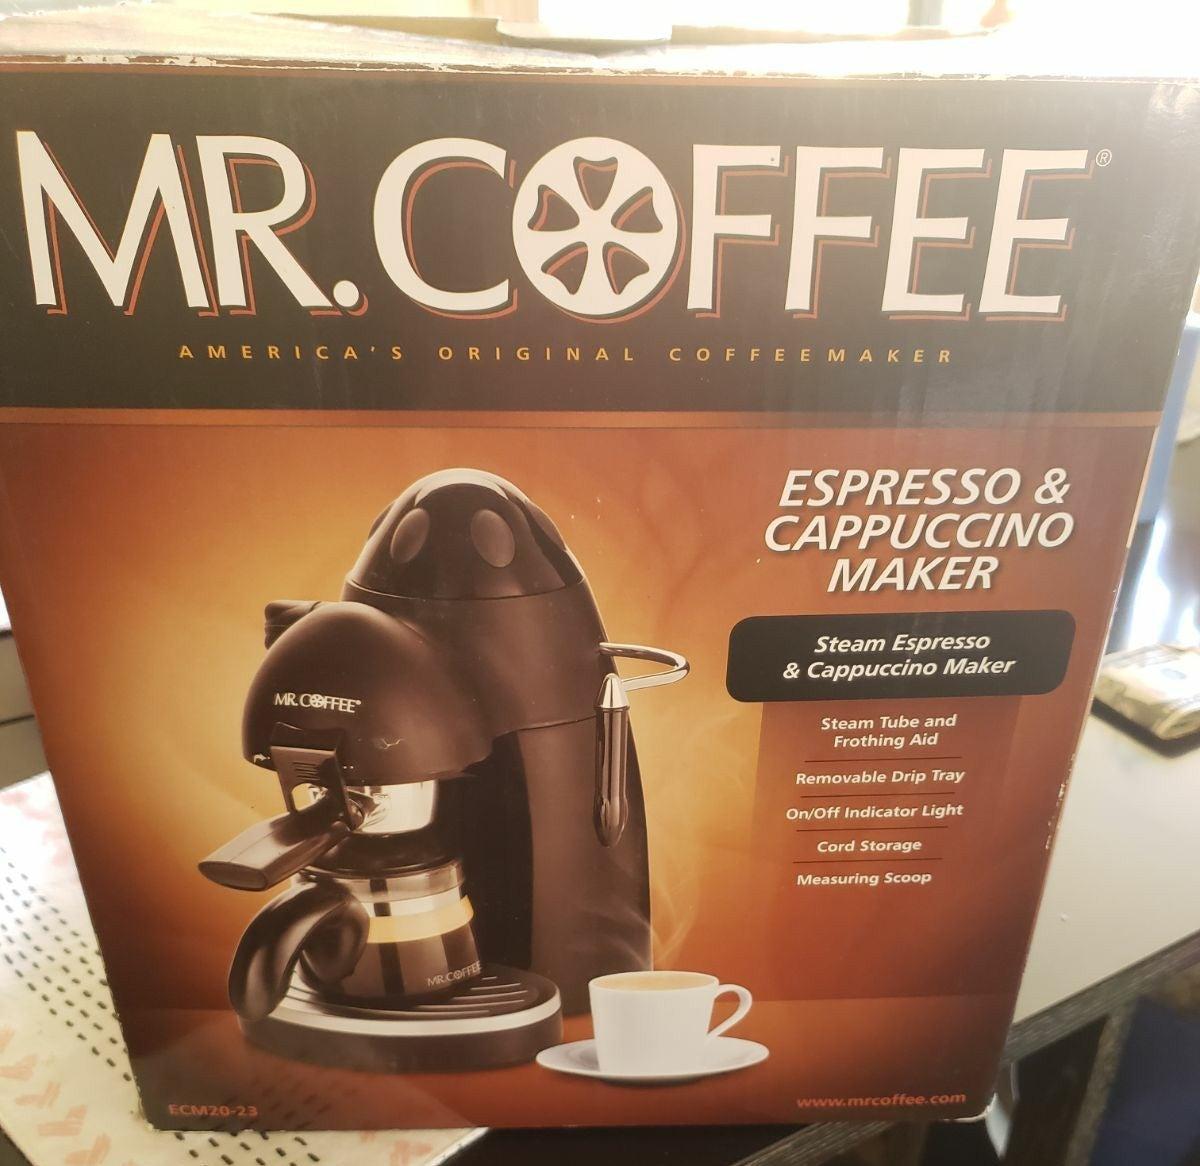 Mr Coffee Espresso/Cappuccino Maker